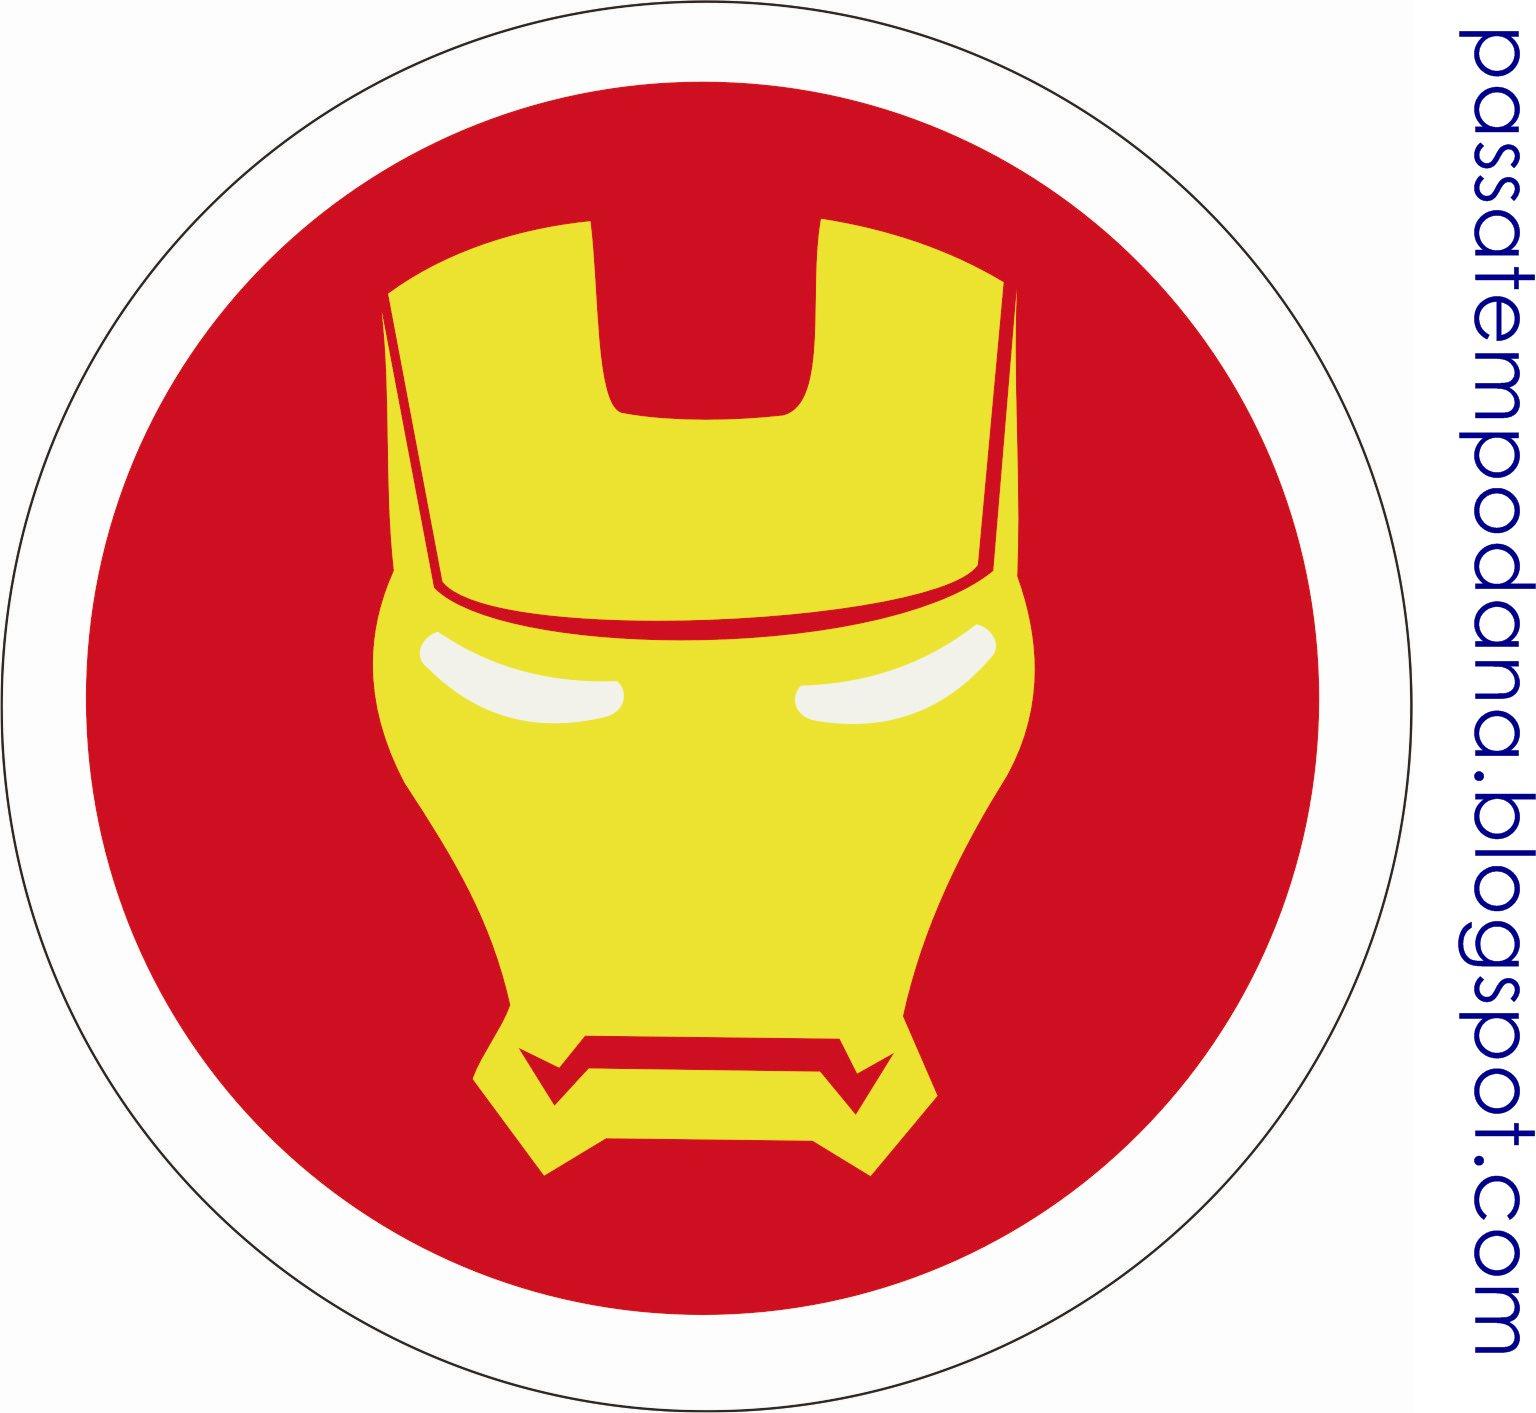 passatempo da ana kit os vingadores printable superman logo black and white printable superman logo images